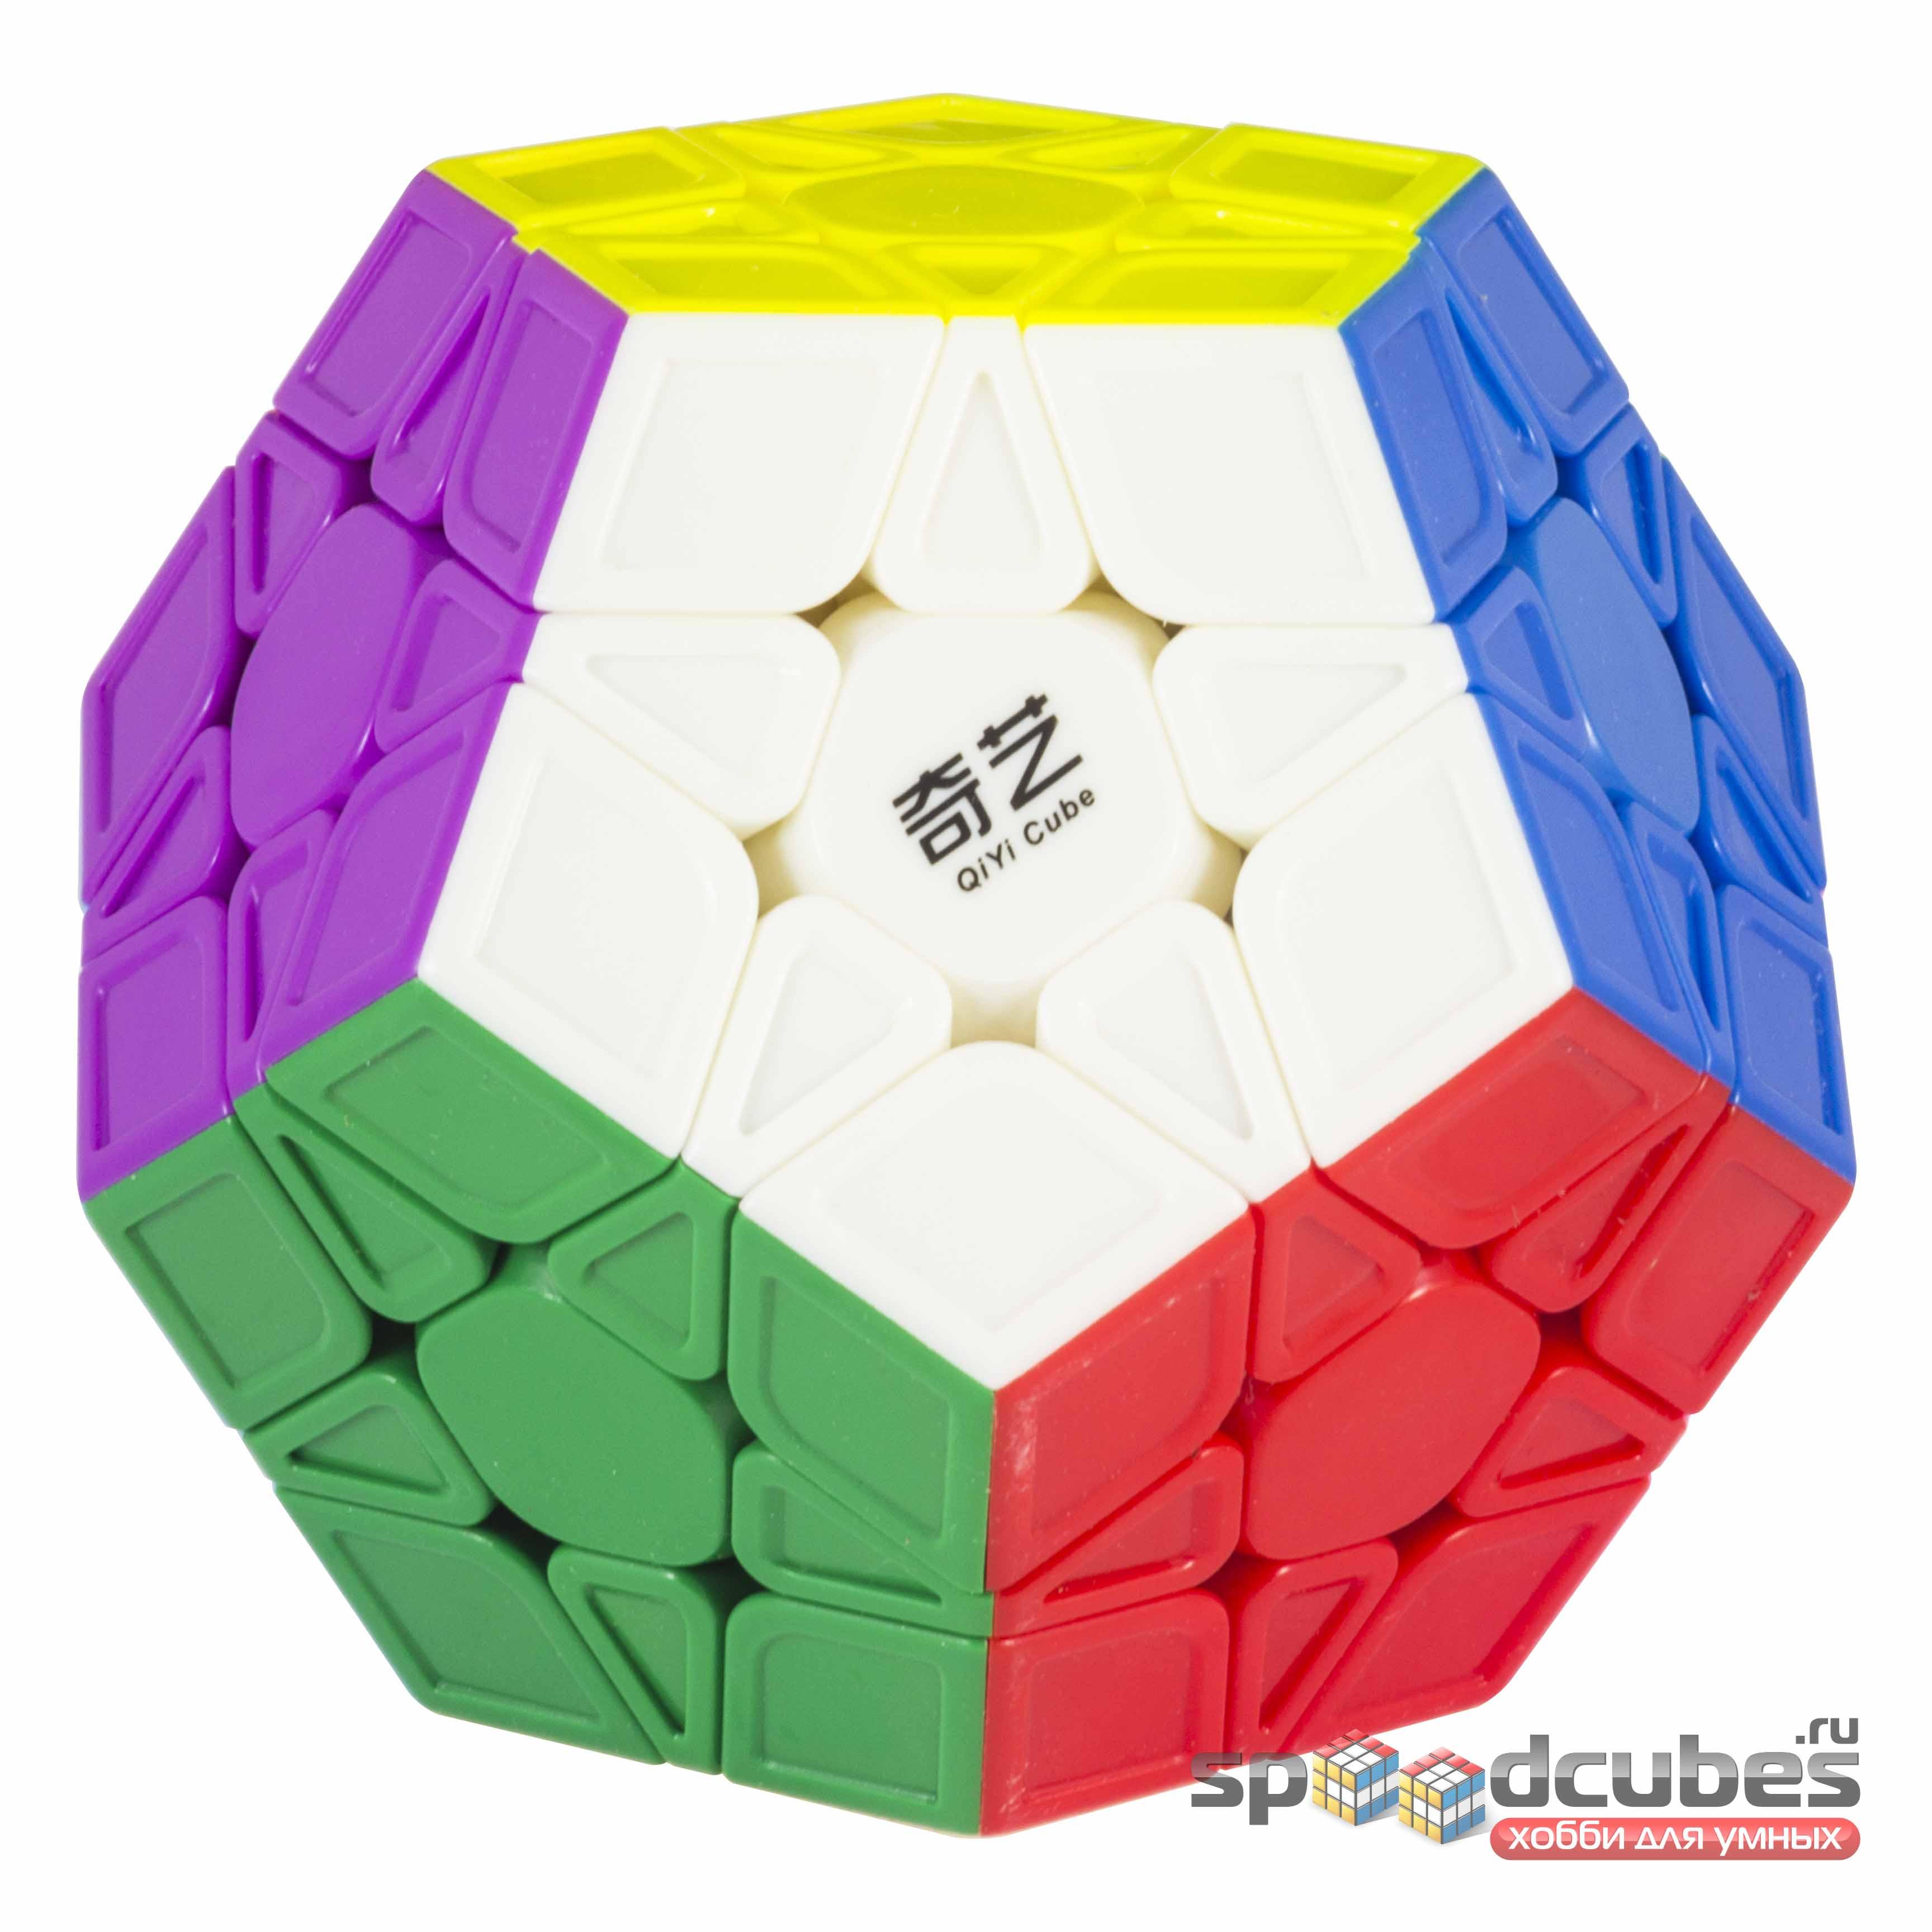 QiYi (MoFangGe) Qiheng S Megaminx (цв)